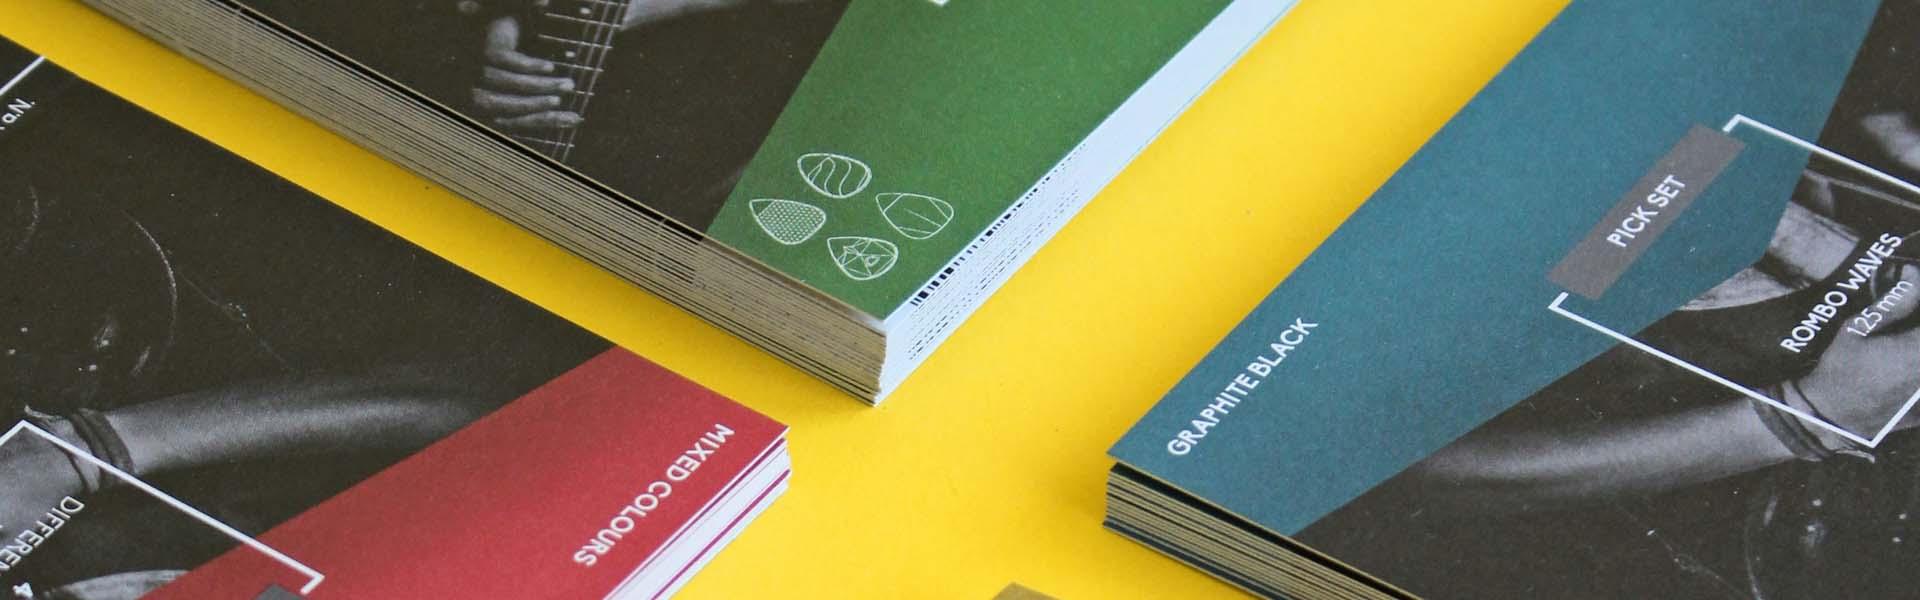 Quins passos has de seguir per imprimir un catàleg